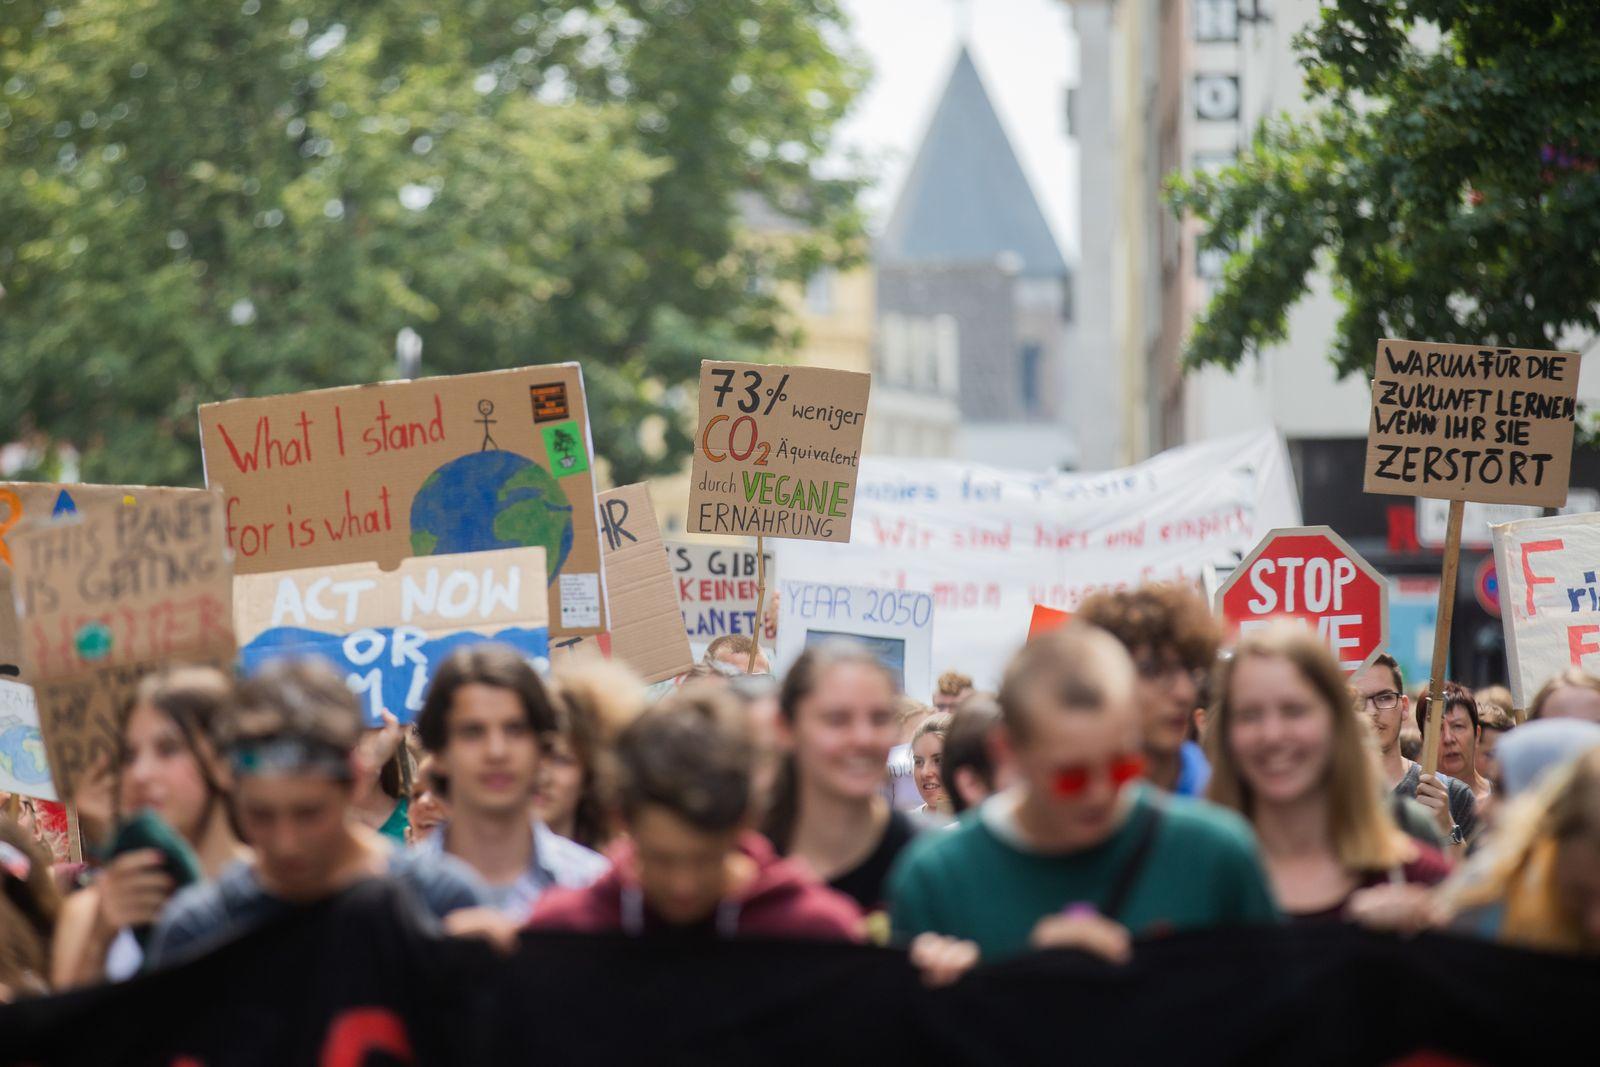 Klimaschützer/ Fridays for Future in Köln